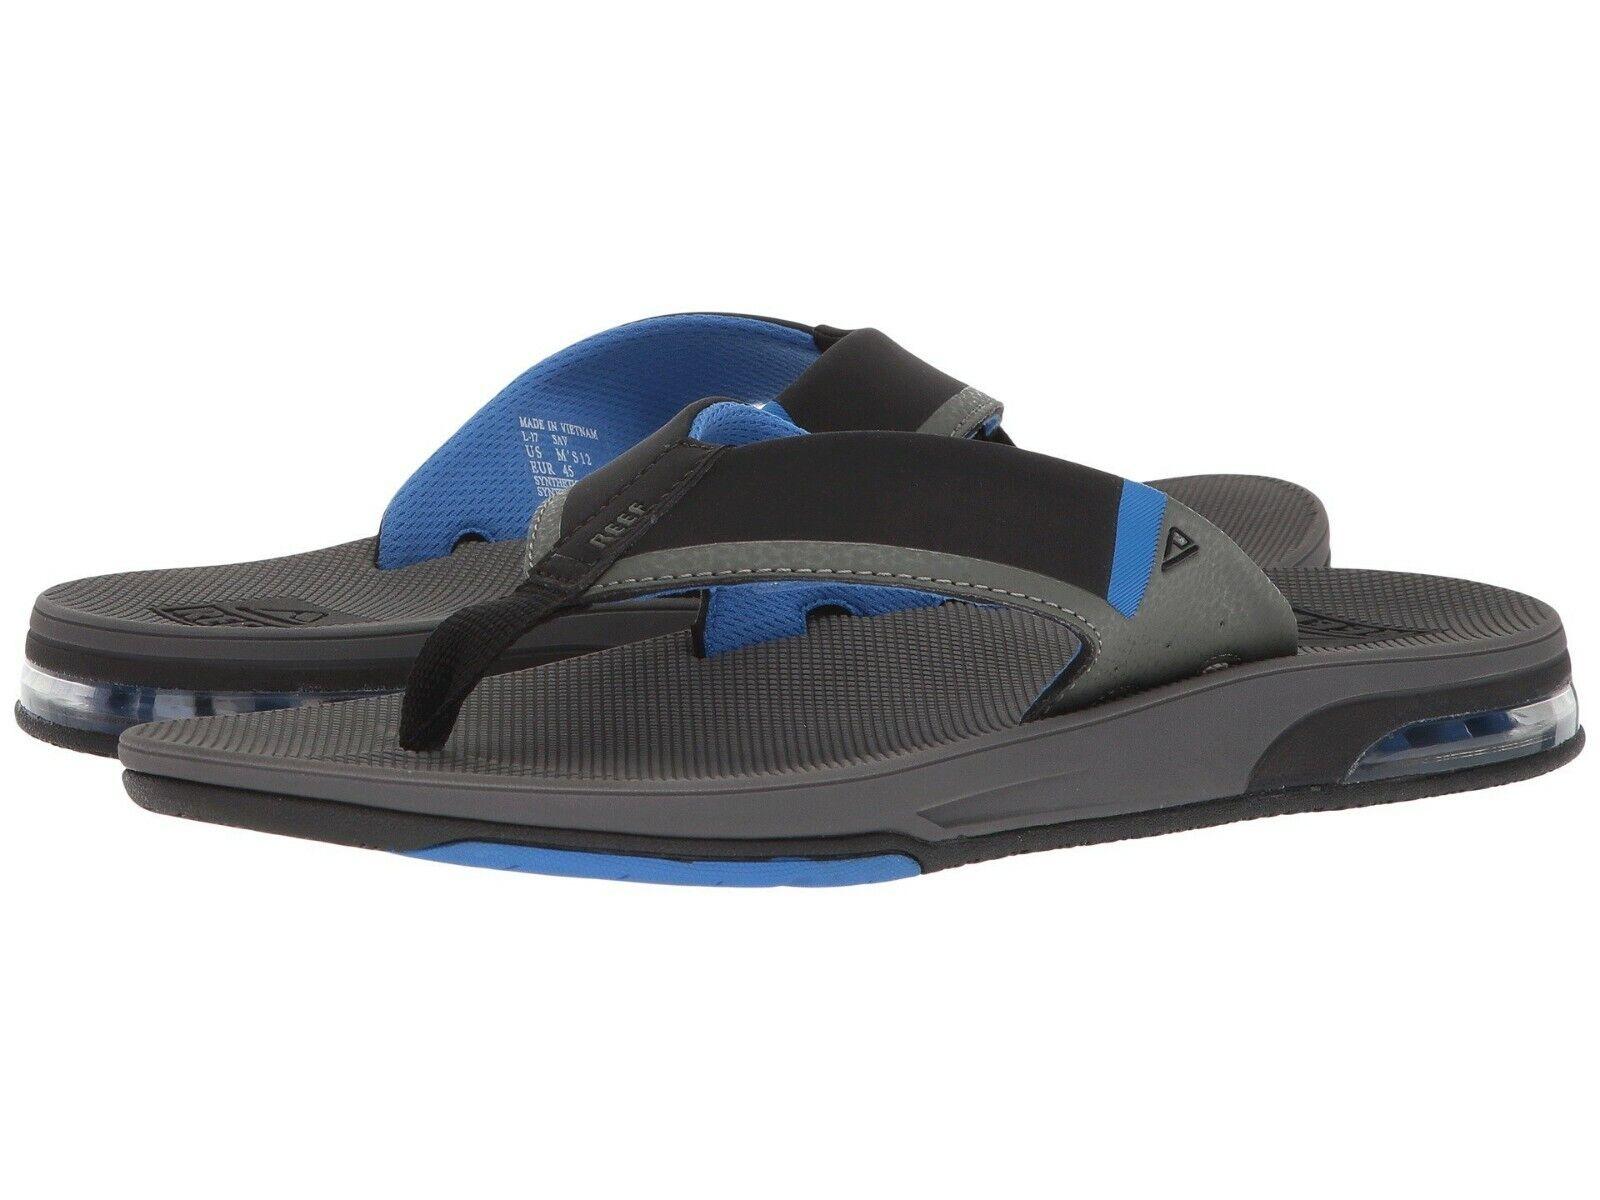 Men's shoes Reef FANNING LOW Flip Flop Sandals RF0A3KIH GREY   blueE